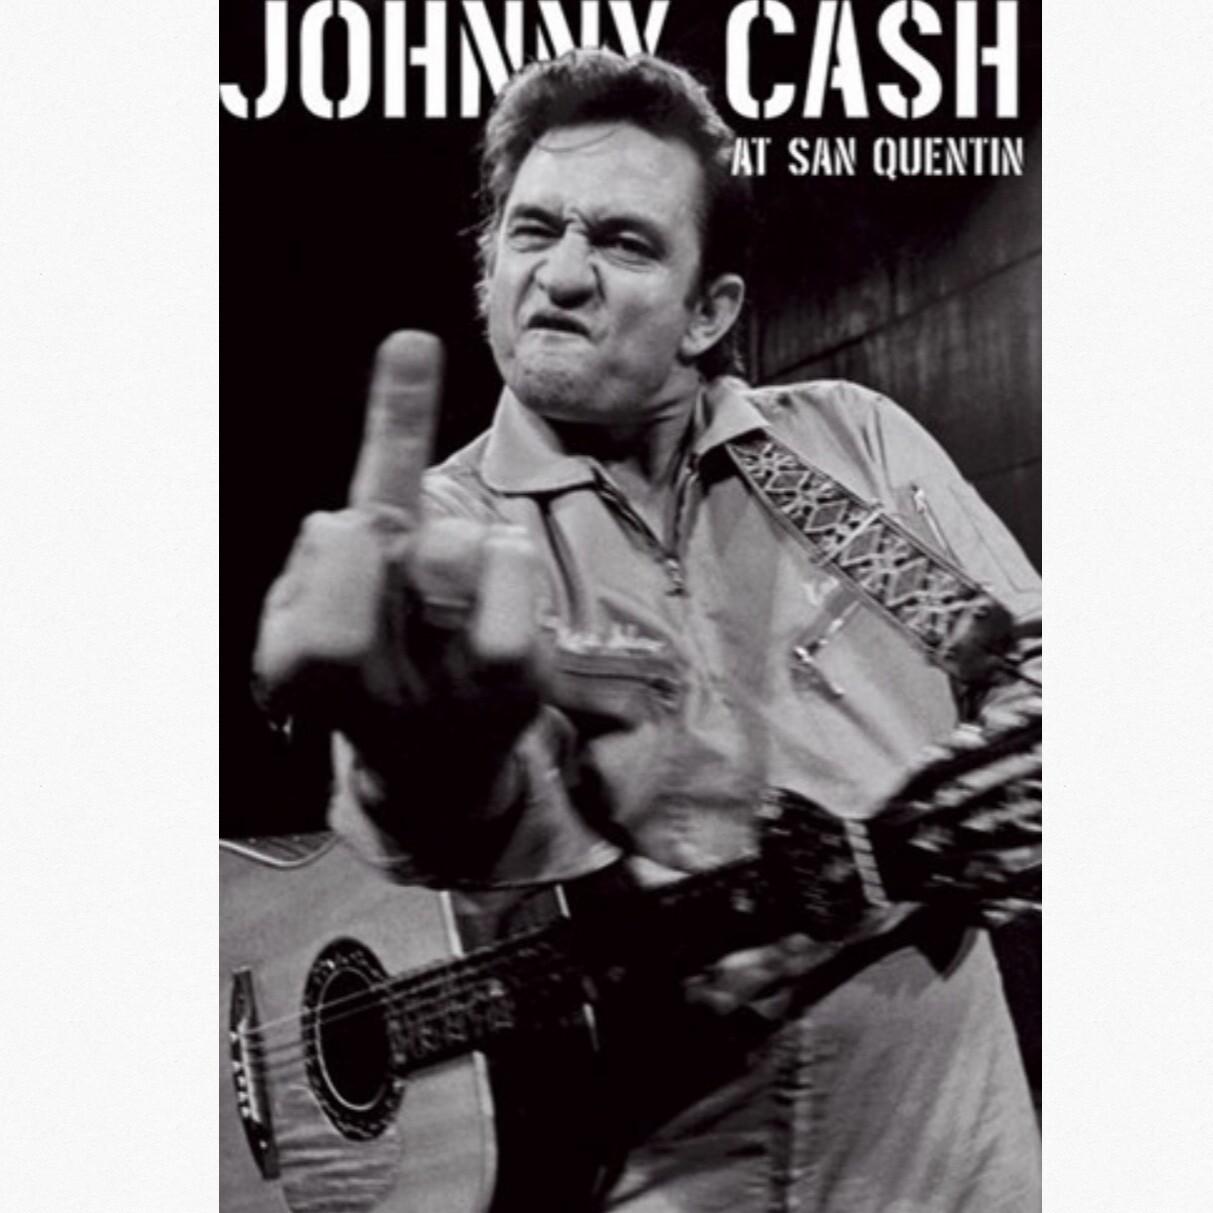 JOHNNY CASH FINGER POSTER